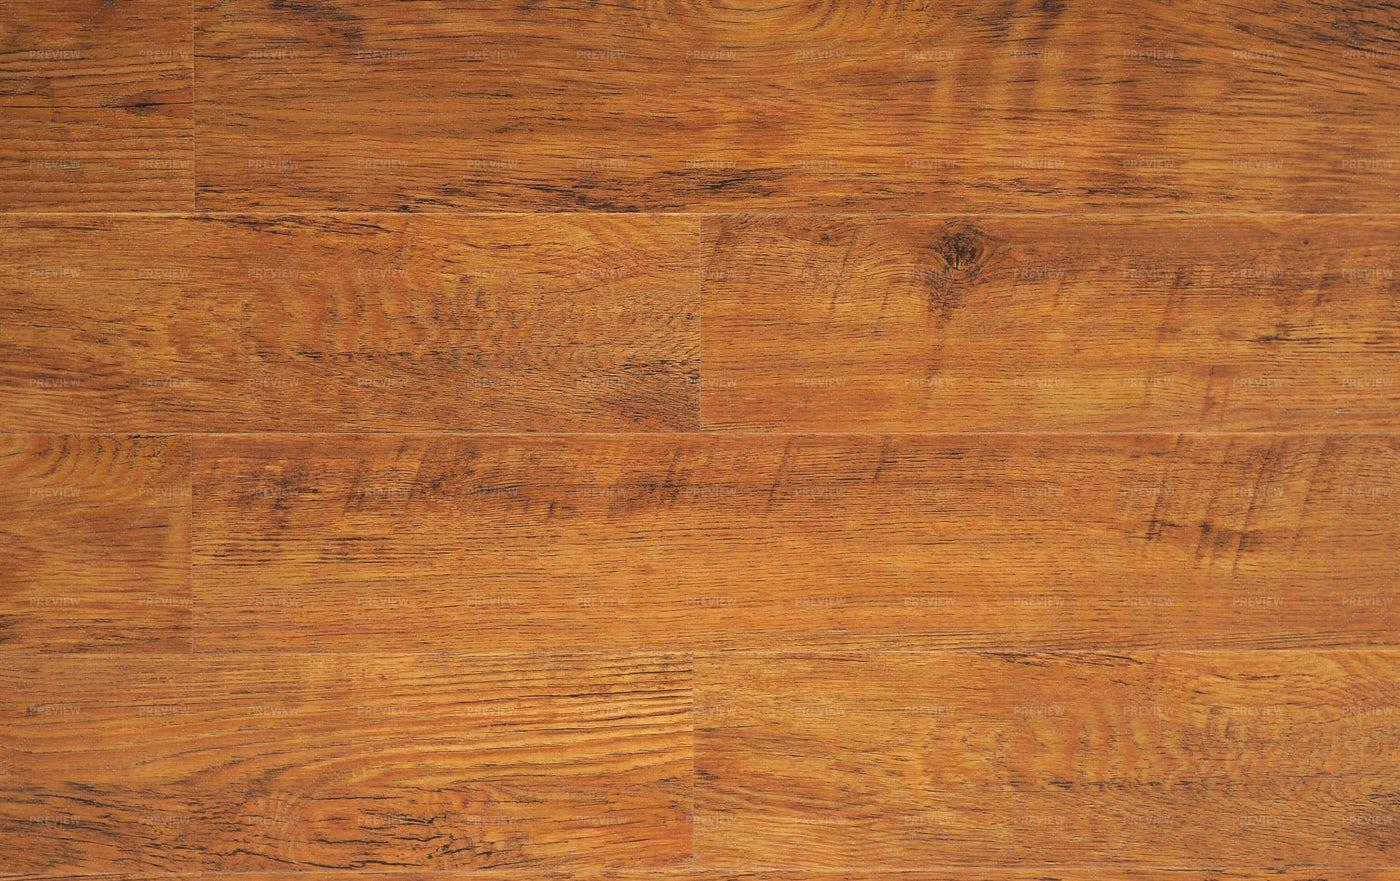 Wooden Floor: Stock Photos